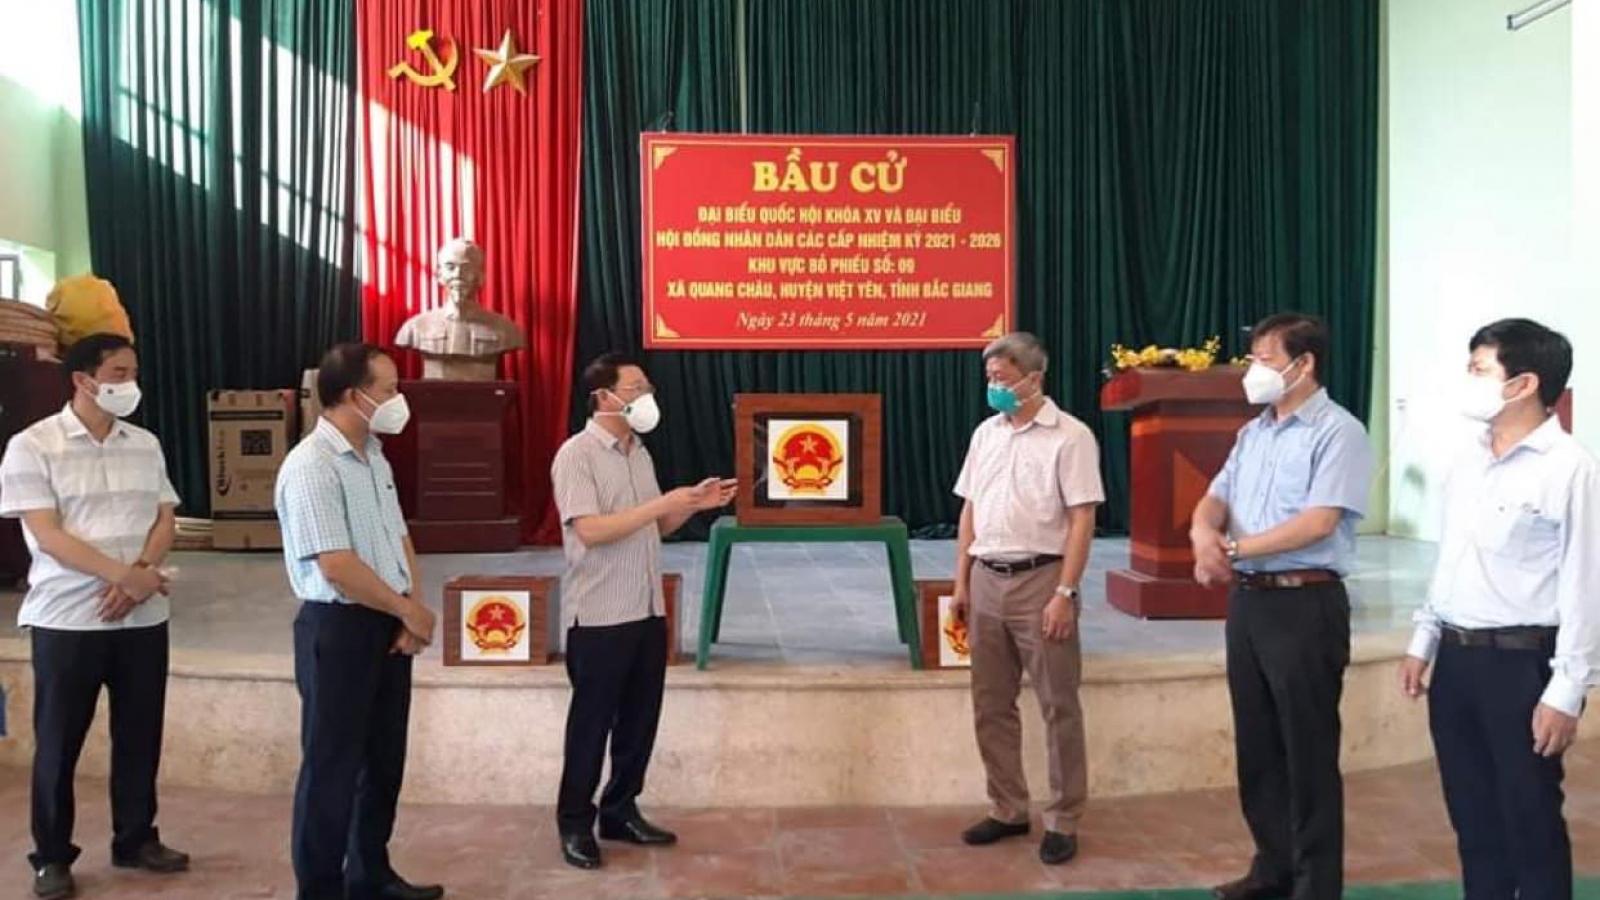 Bộ Y tế hỗ trợ Bắc Giang đảm bảo an toàn chống dịch COVID-19 trong bầu cử